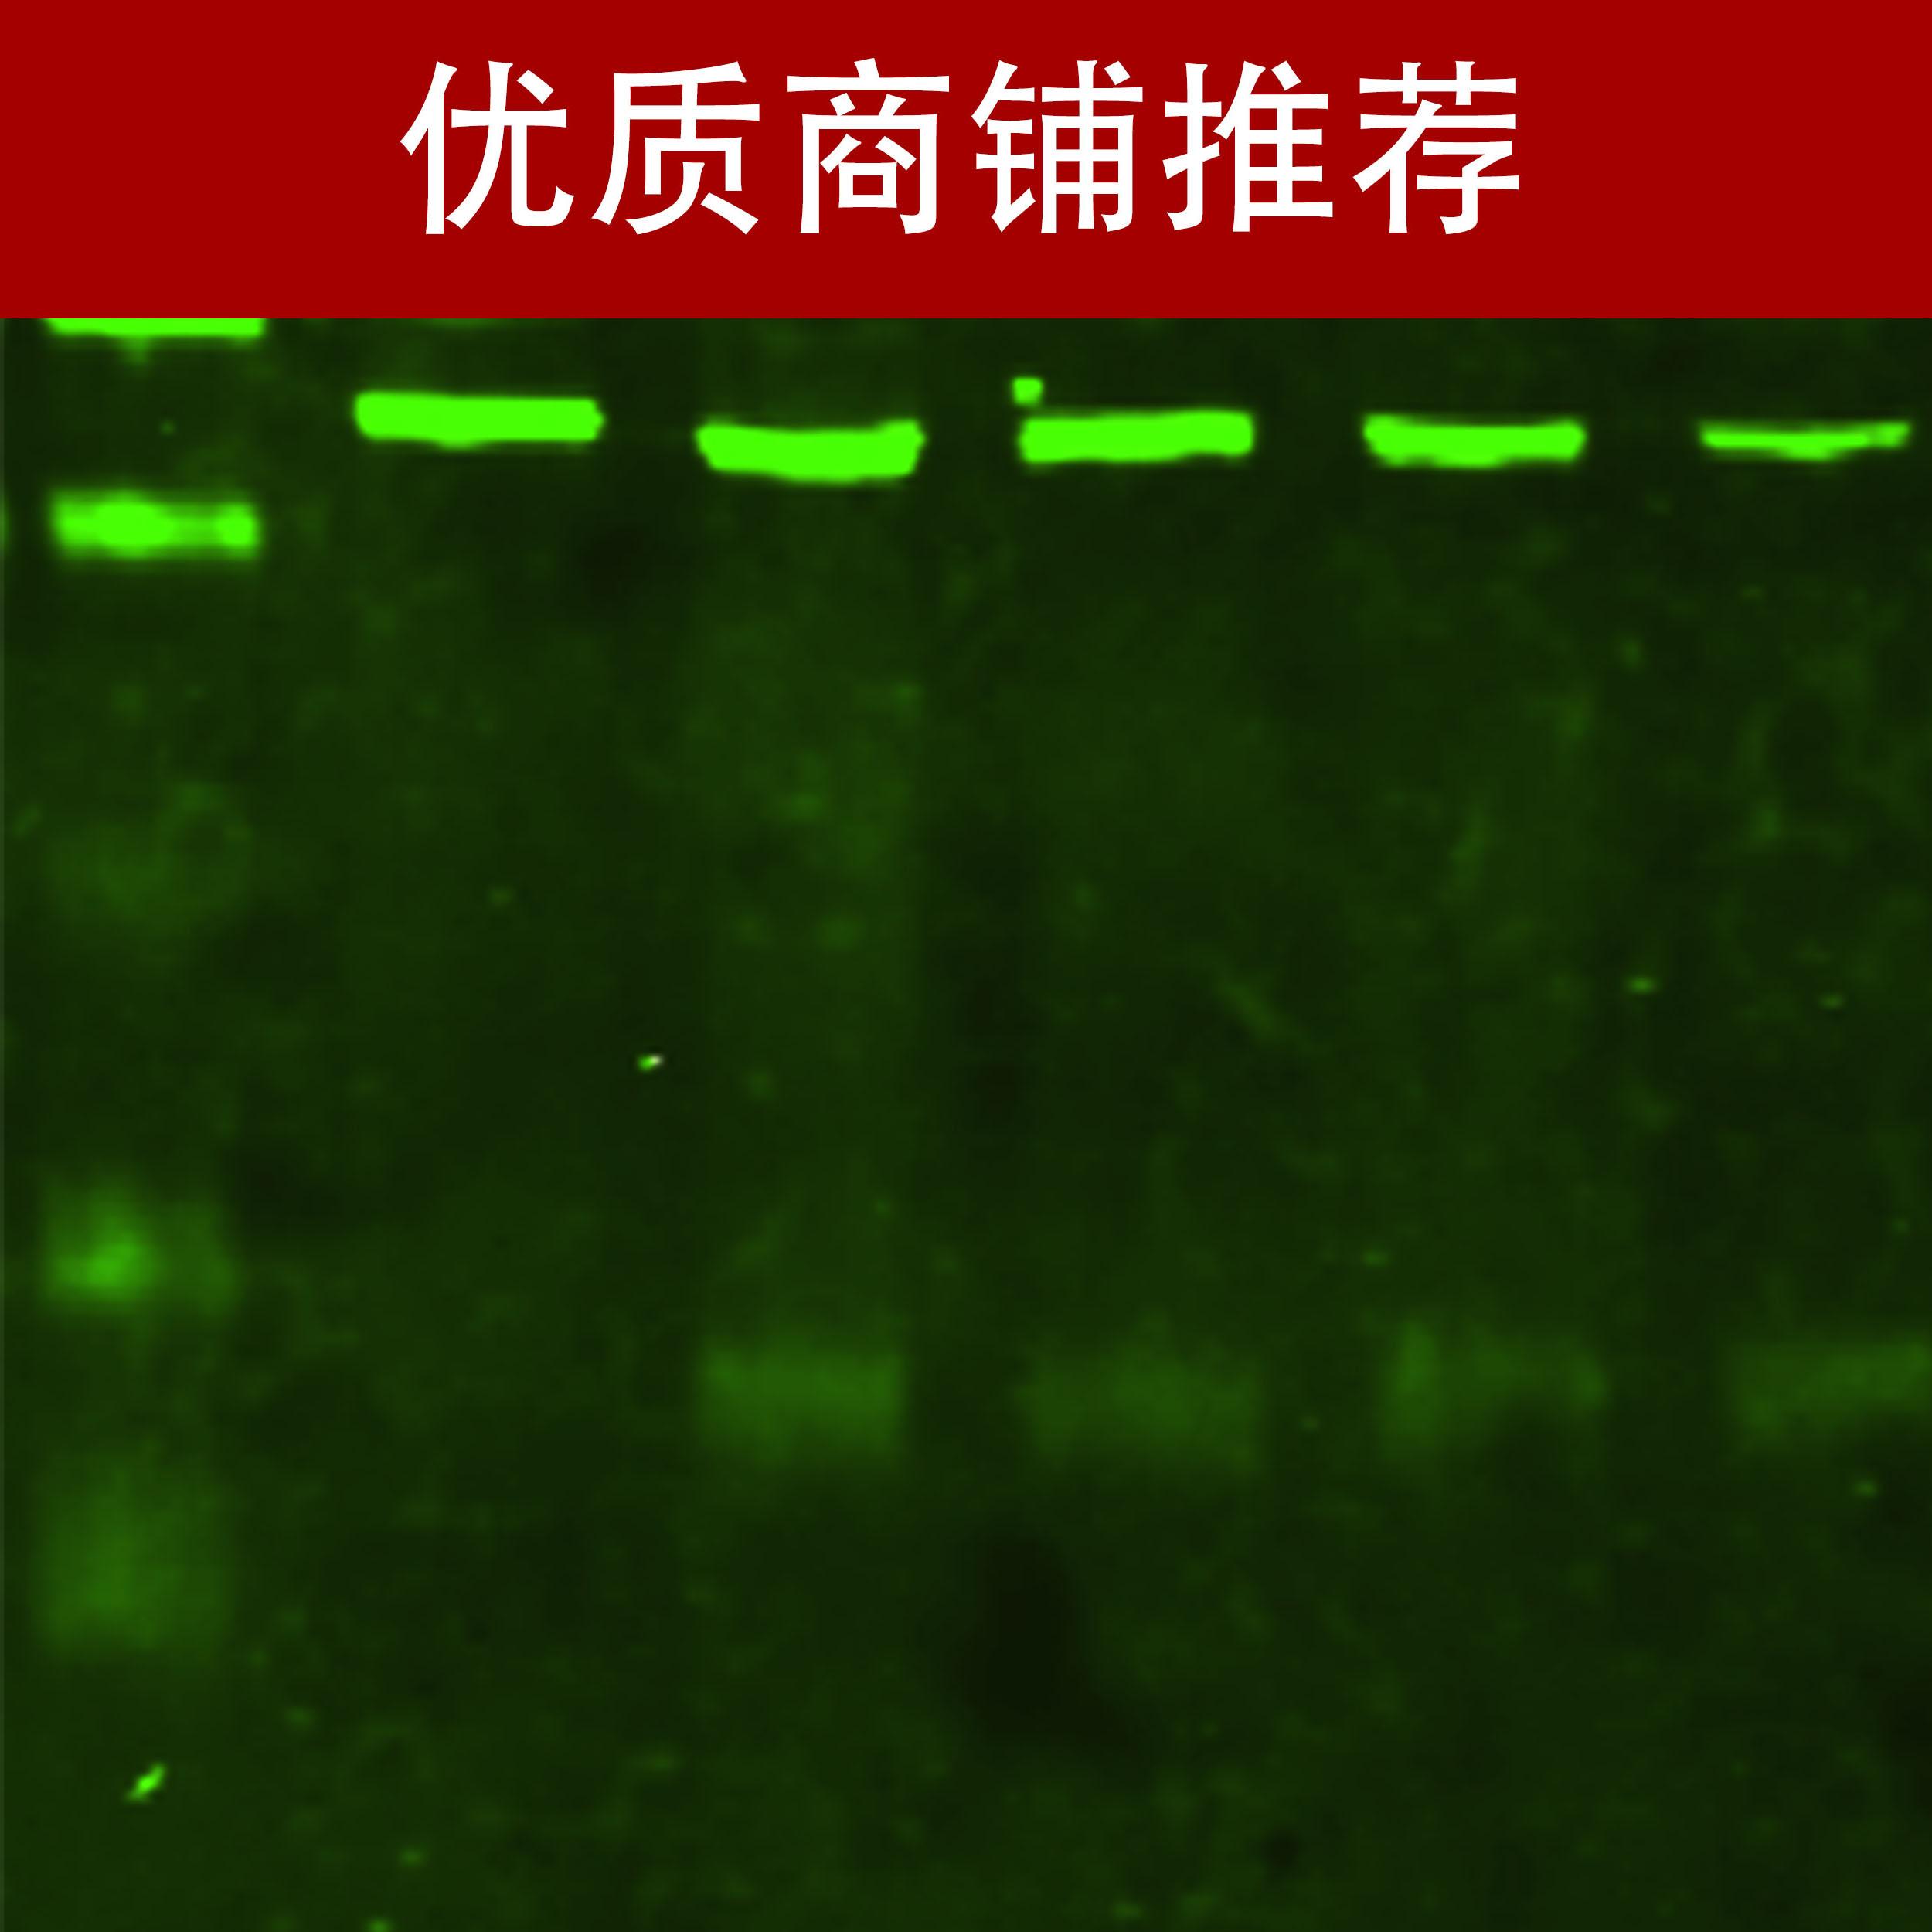 荧光western blot检测(你还在做普通WB,已经out了)